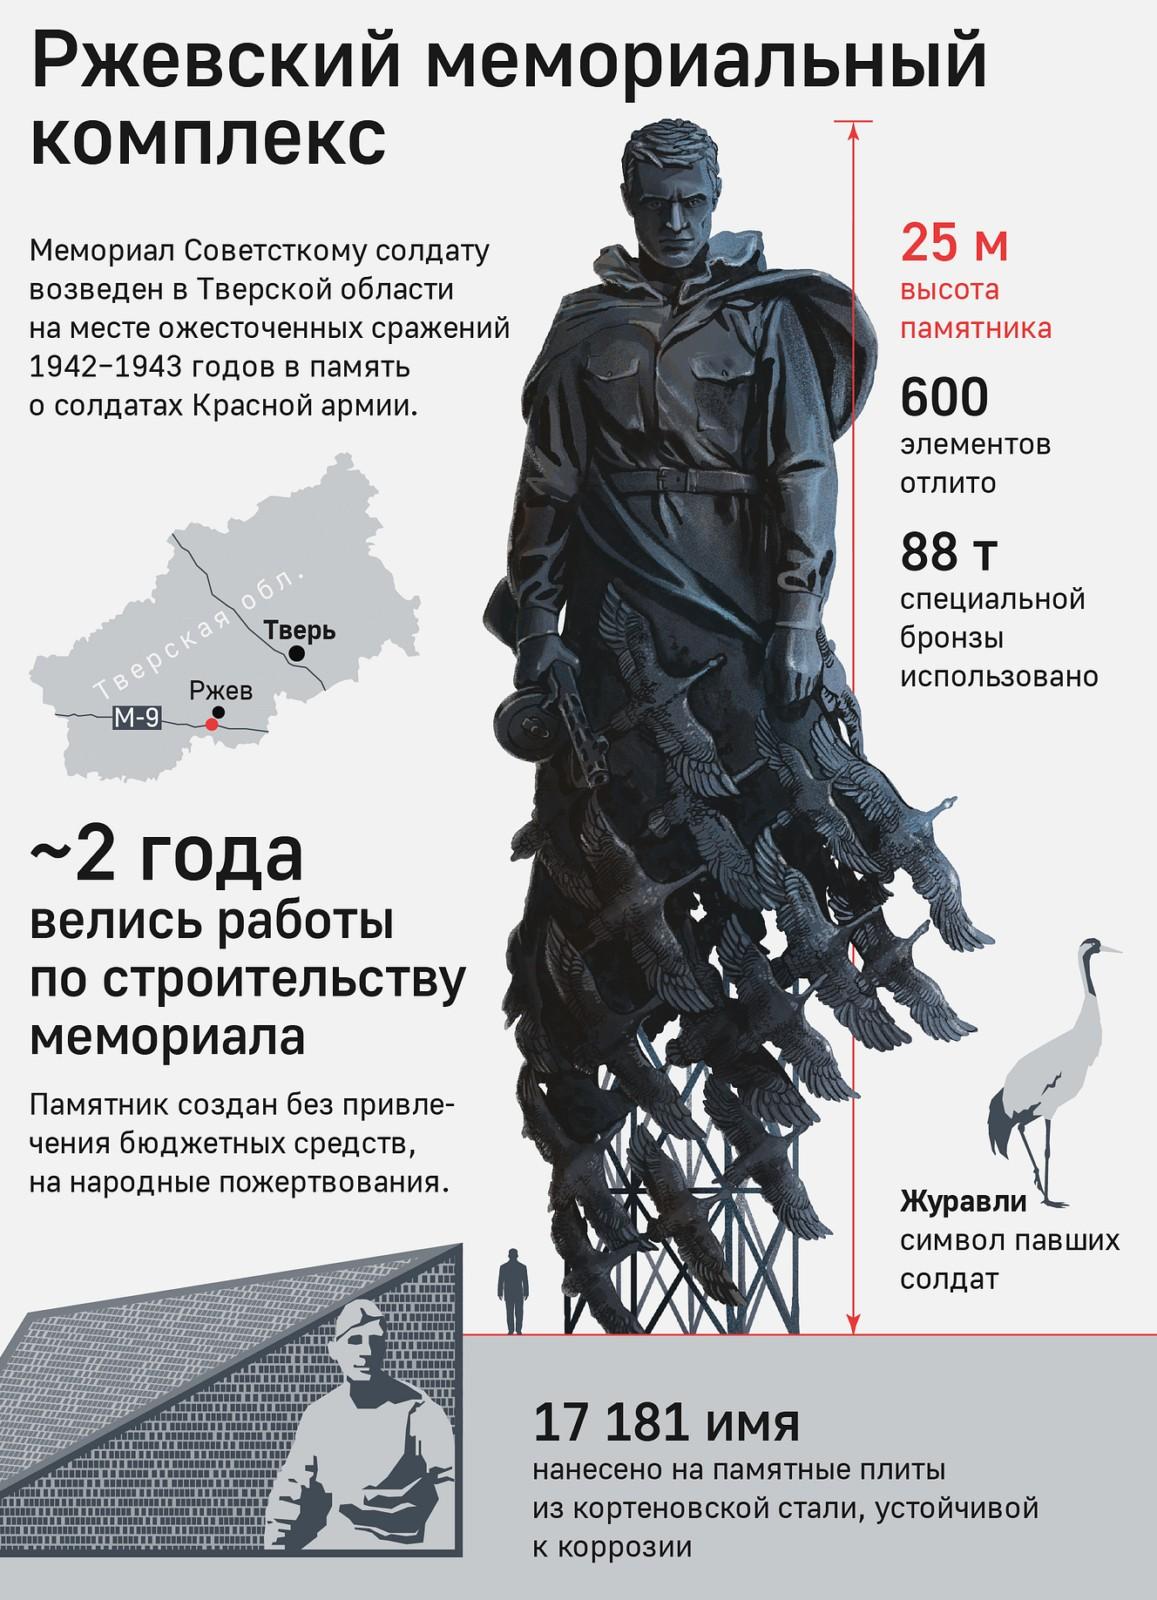 Путин и Лукашенко открыли мемориал Советскому солдату подо Ржевом